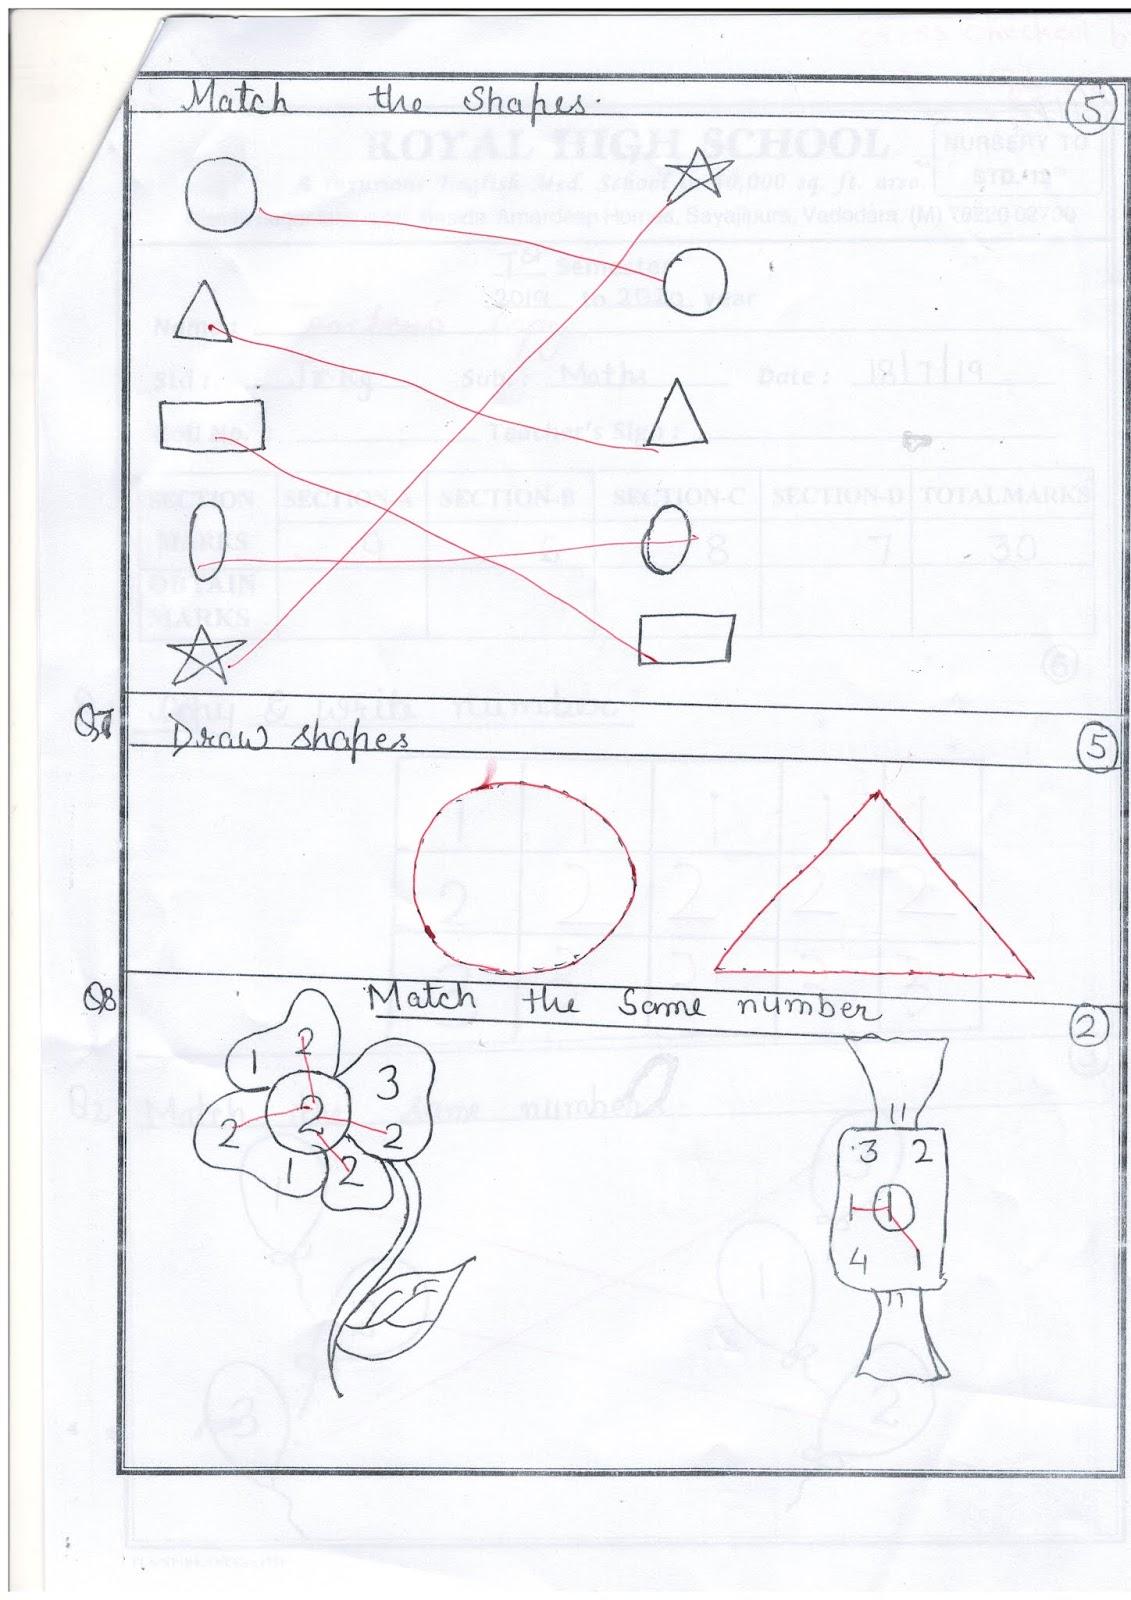 Jr Kg Unit Test Paper Maths 18 07